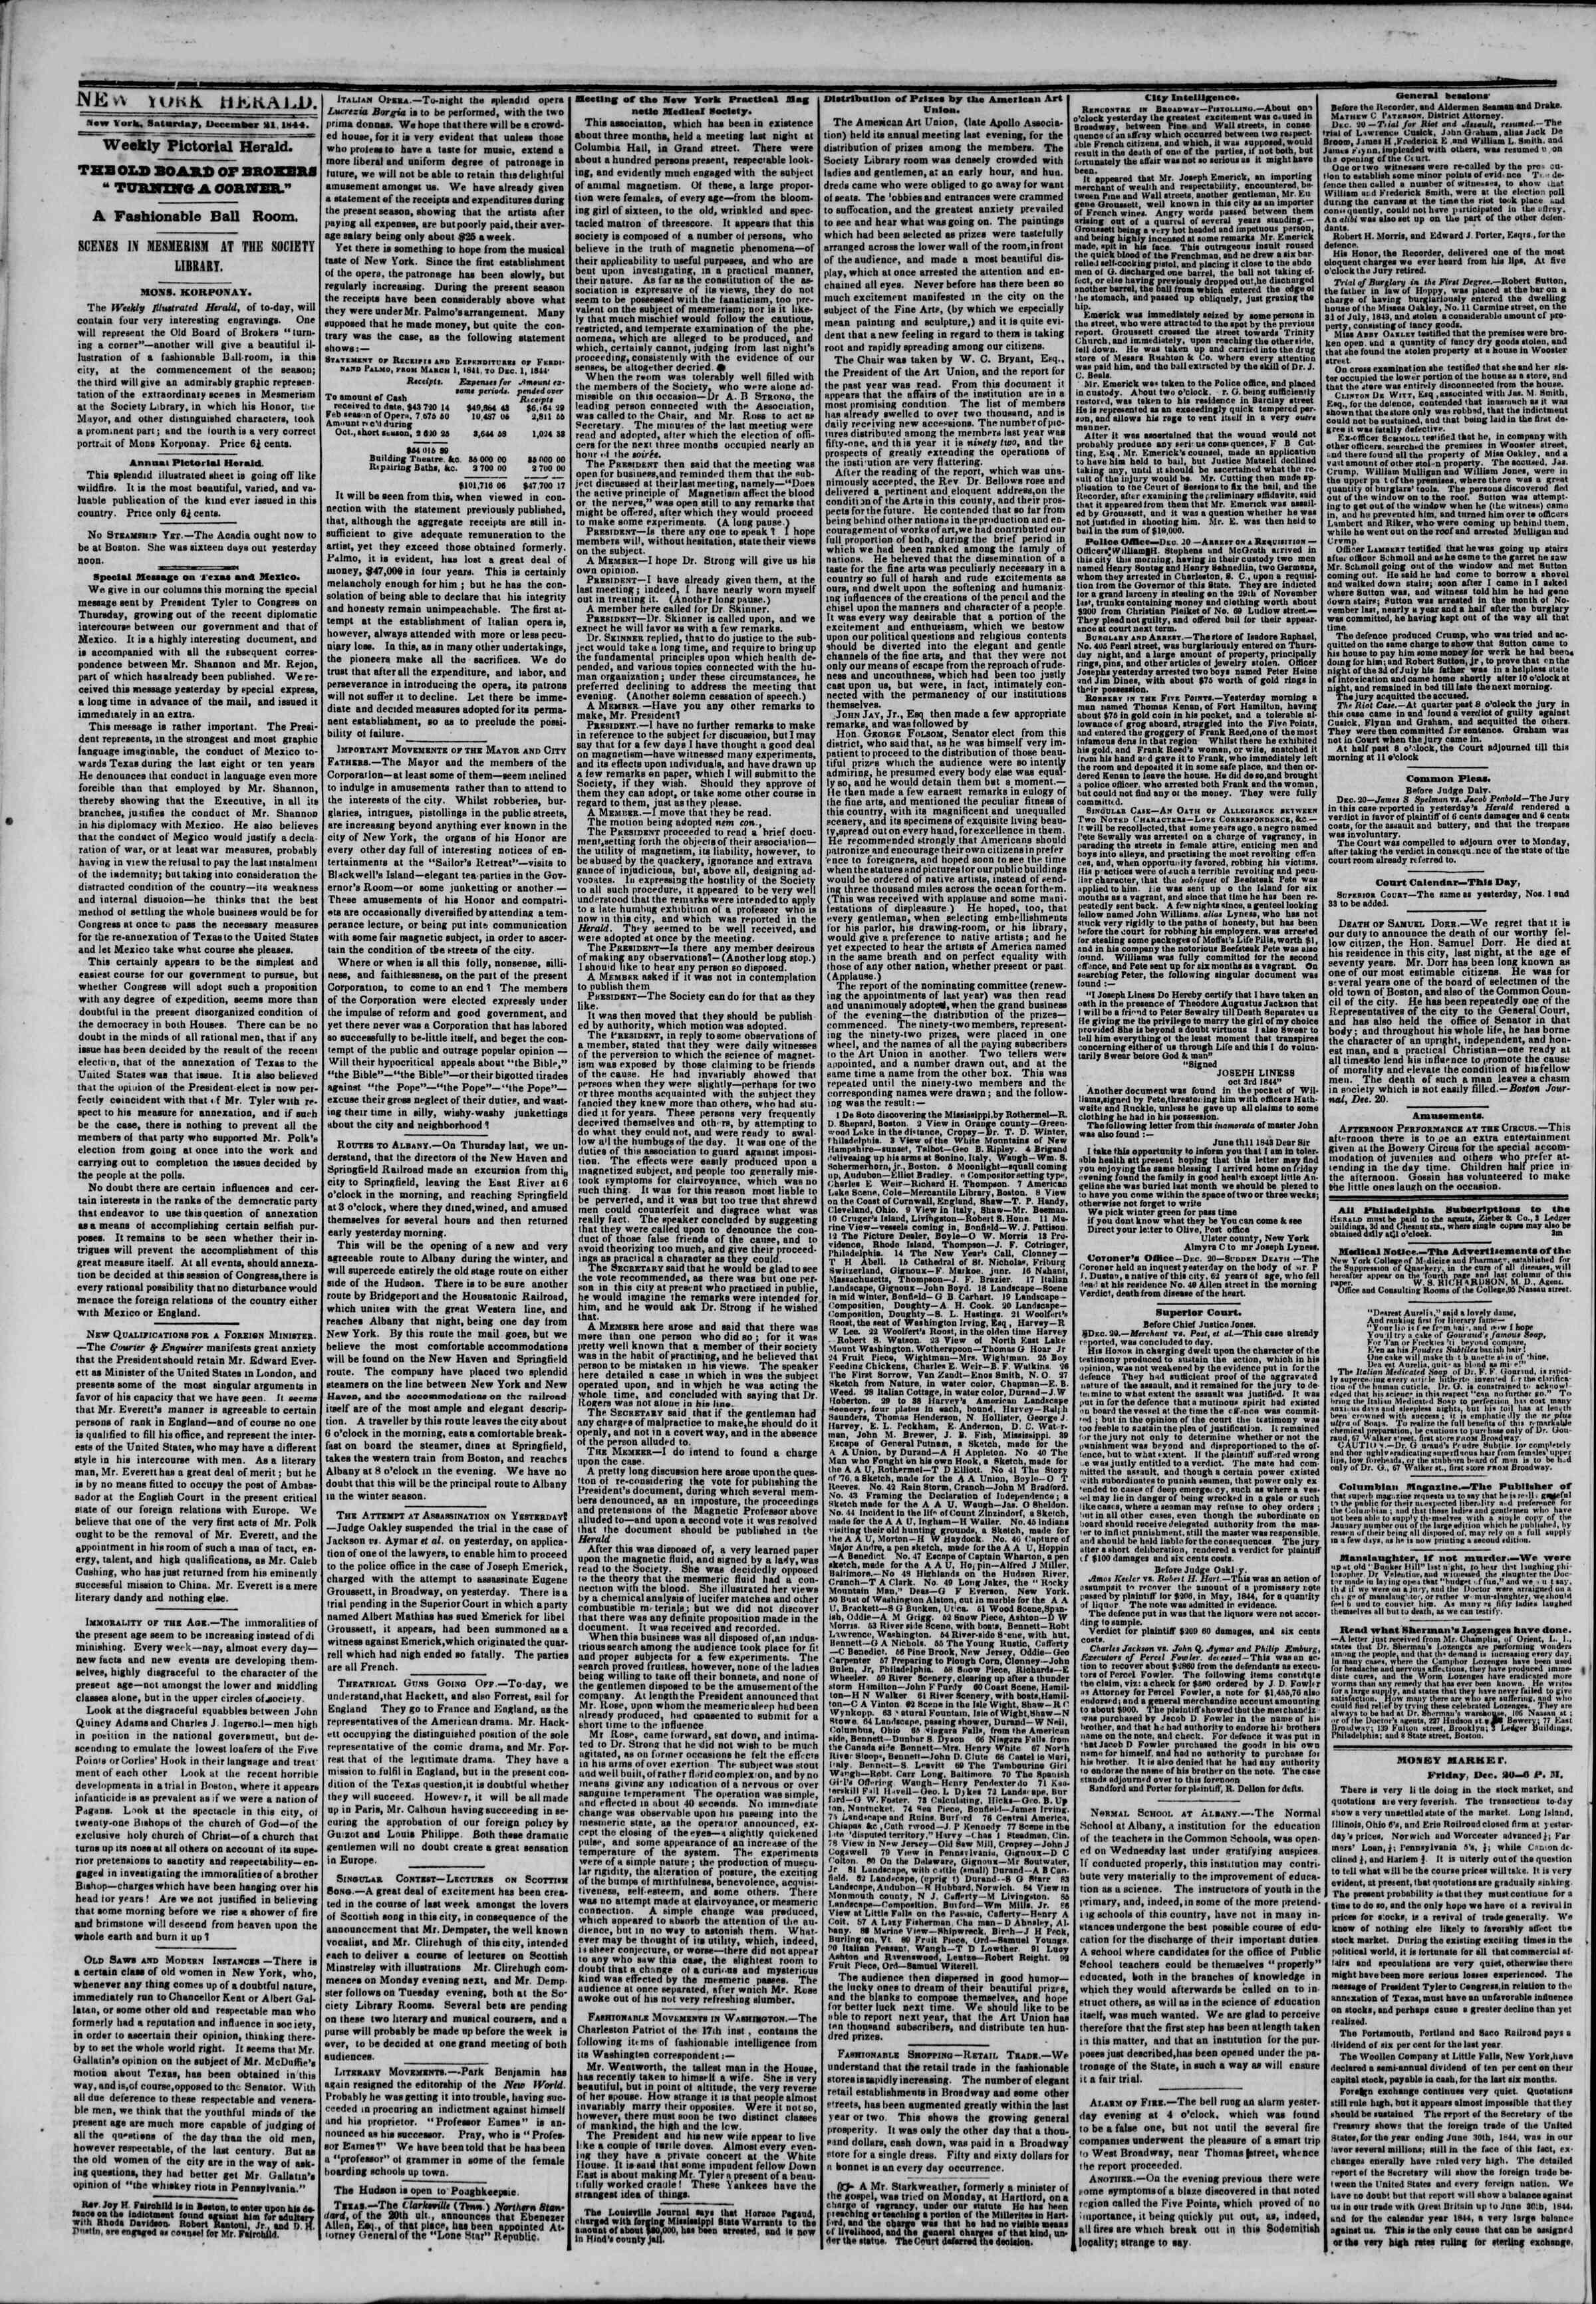 December 21, 1844 Tarihli The New York Herald Gazetesi Sayfa 2